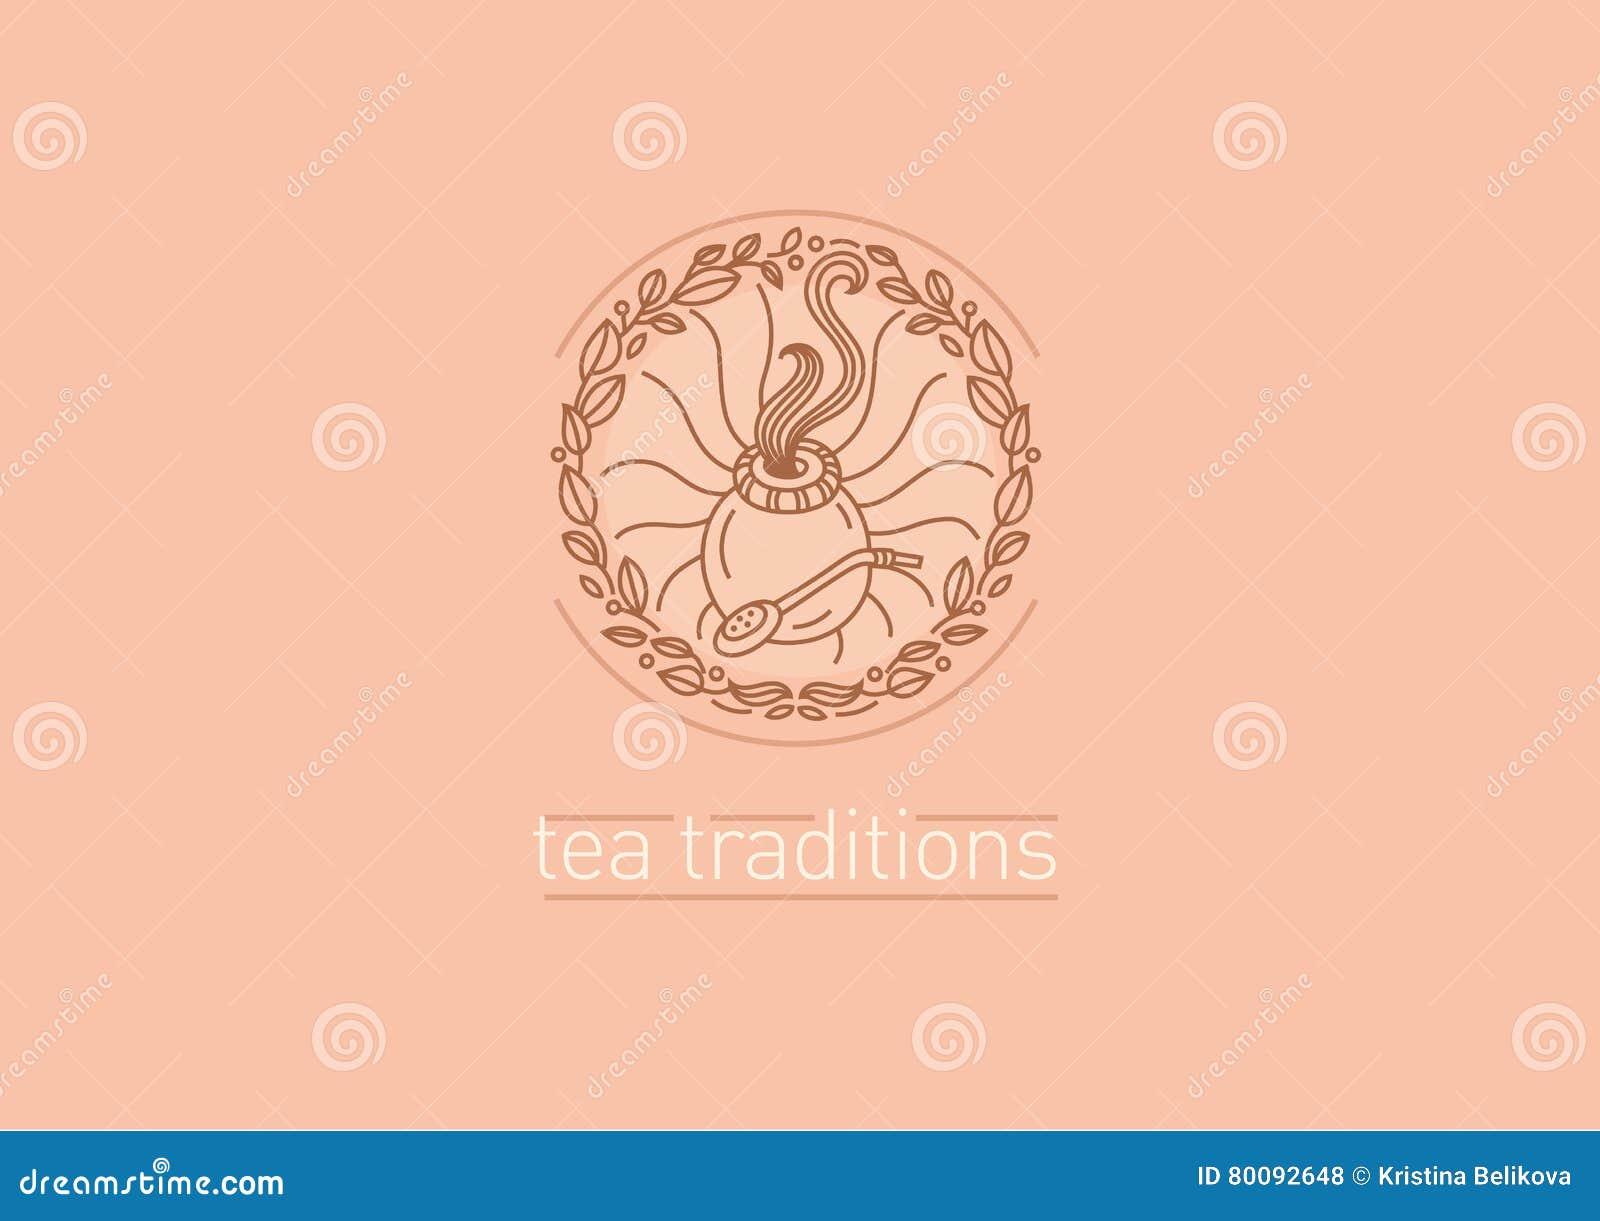 茶传统 茶叶和茶伙伴